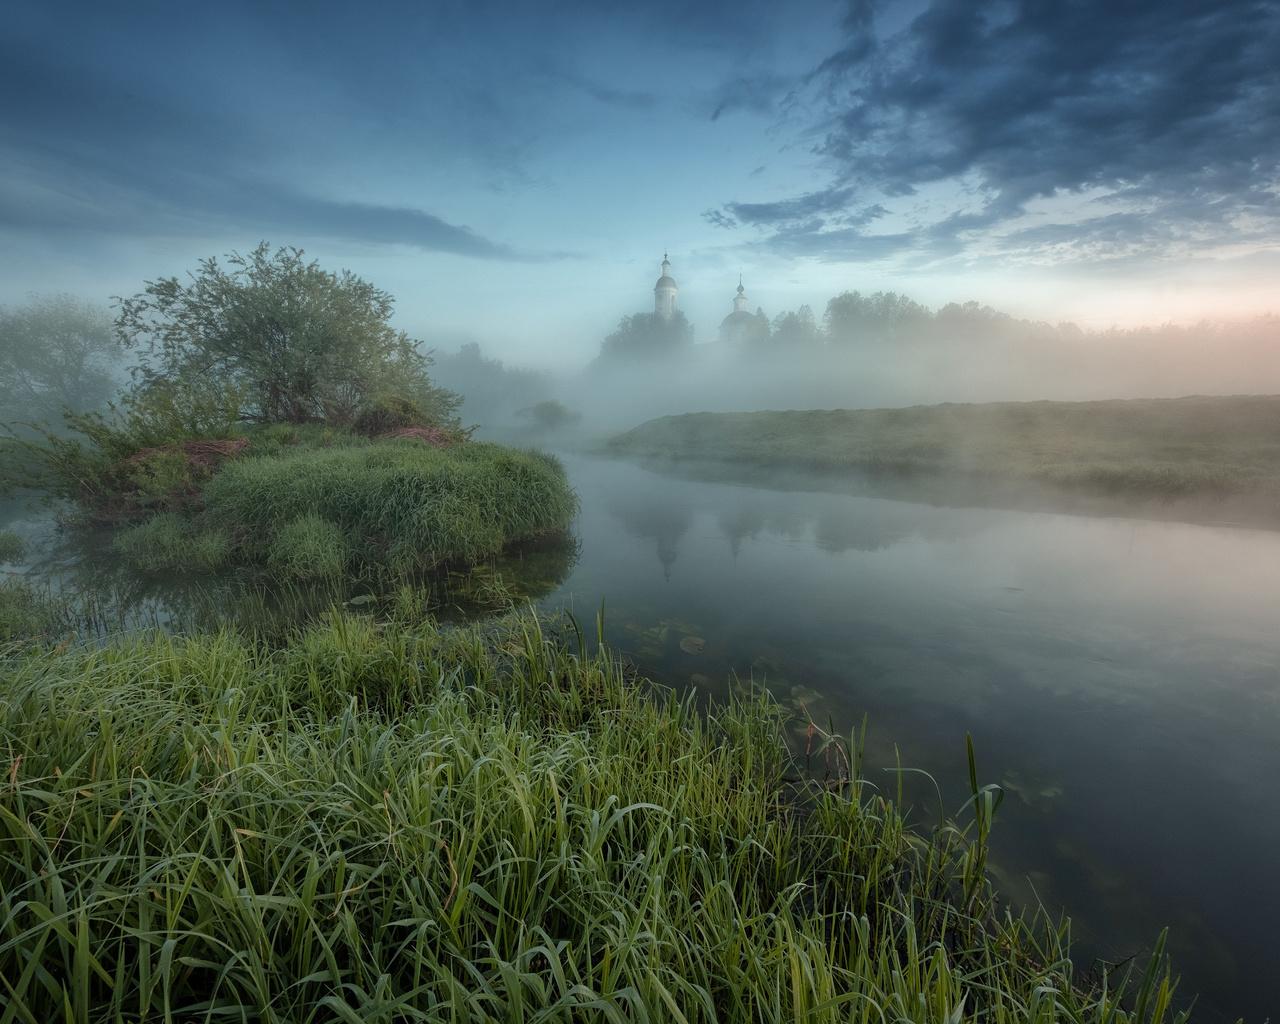 деревья, пейзаж, природа, туман, весна, утро, церковь, травы, кусты, берега, речушка, андрей Чиж, шерна